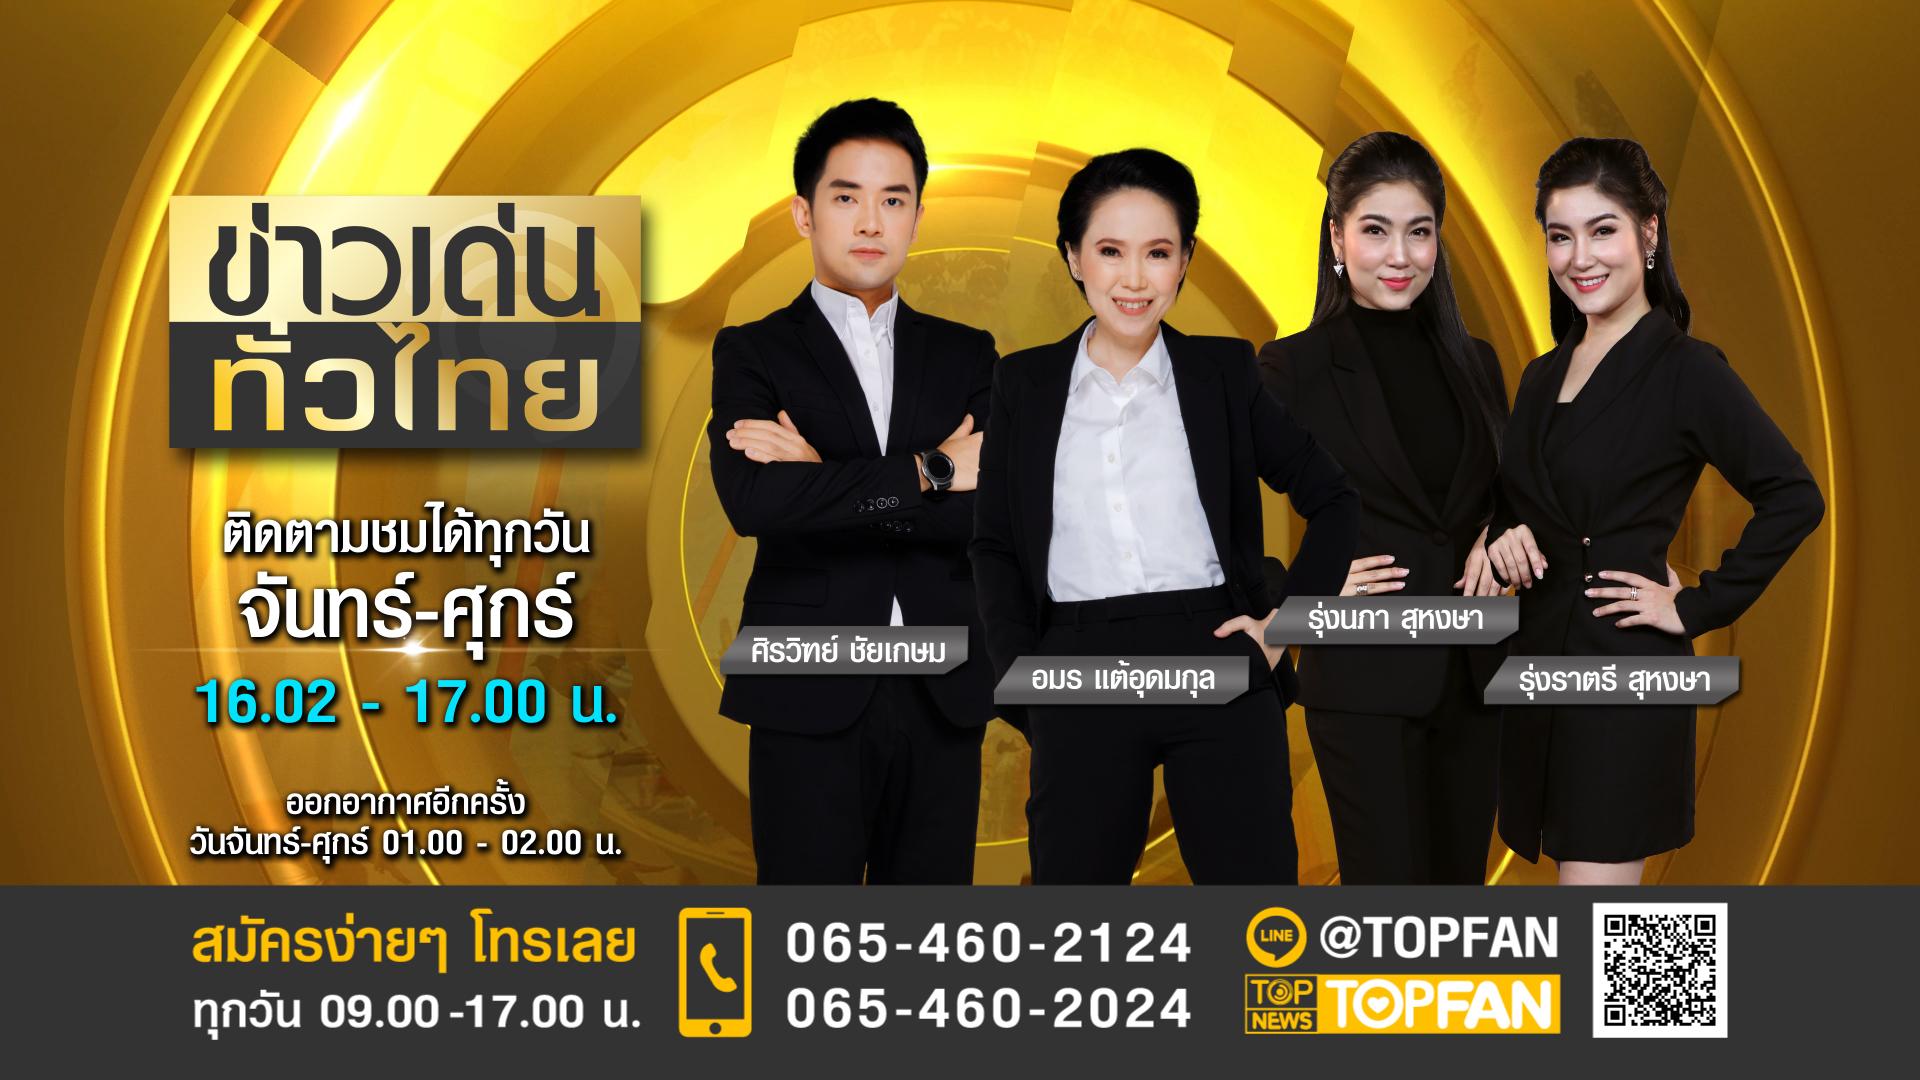 ข่าวเด่นทั่วไทย | 23 กันยายน 2564